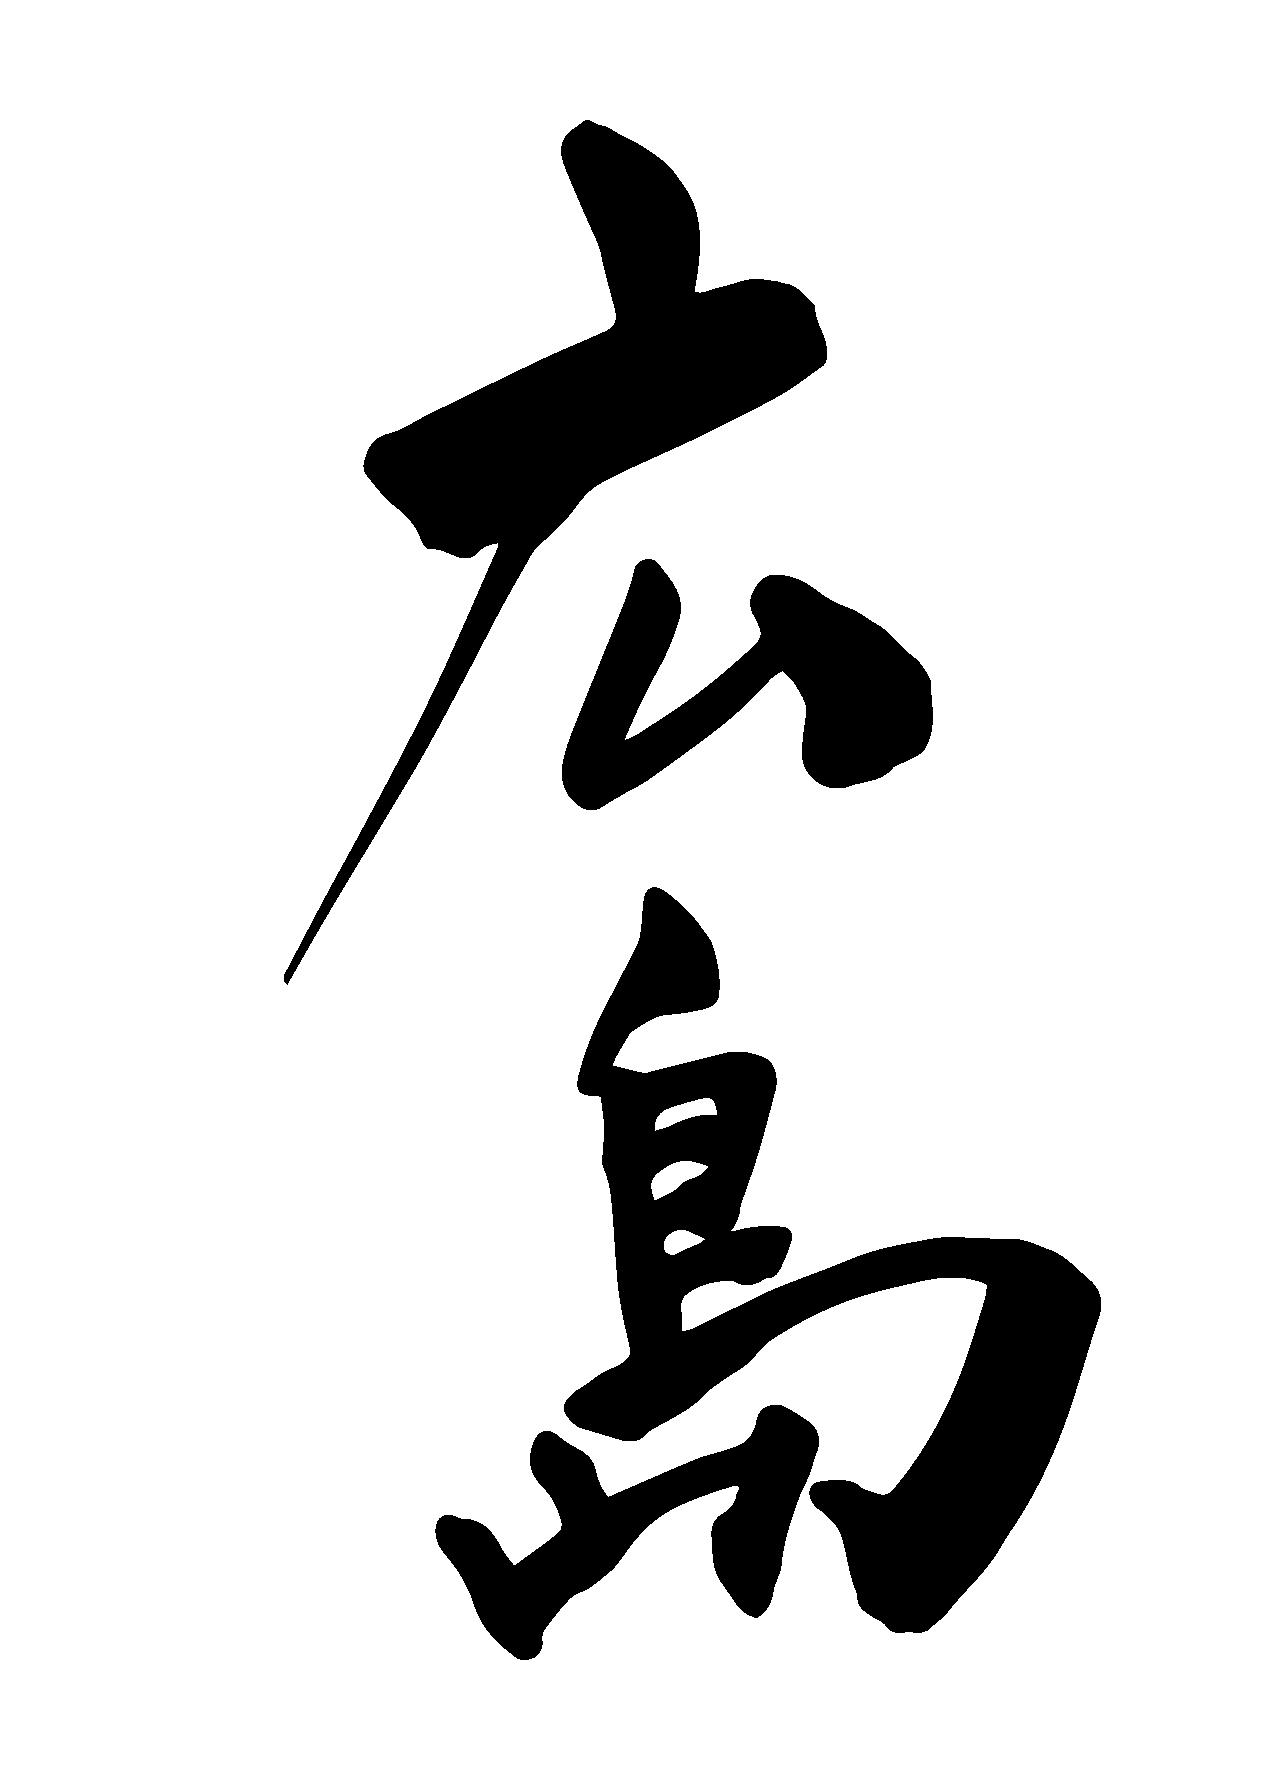 筆で書いた広島の文字